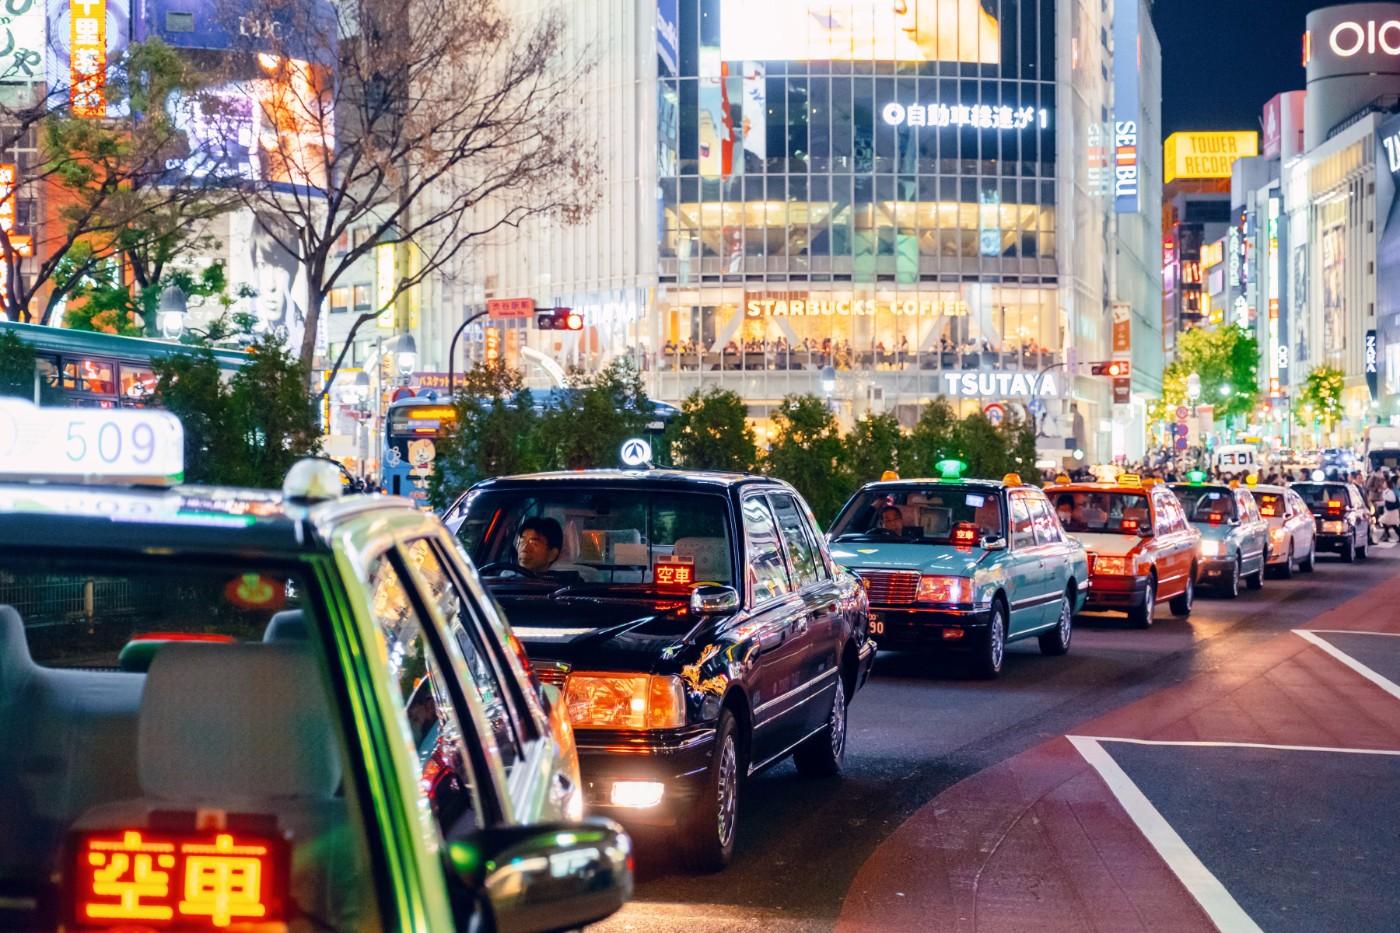 【歩合給だから頑張りが反映される!】品川区を中心にしたタクシードライバーのお仕事!